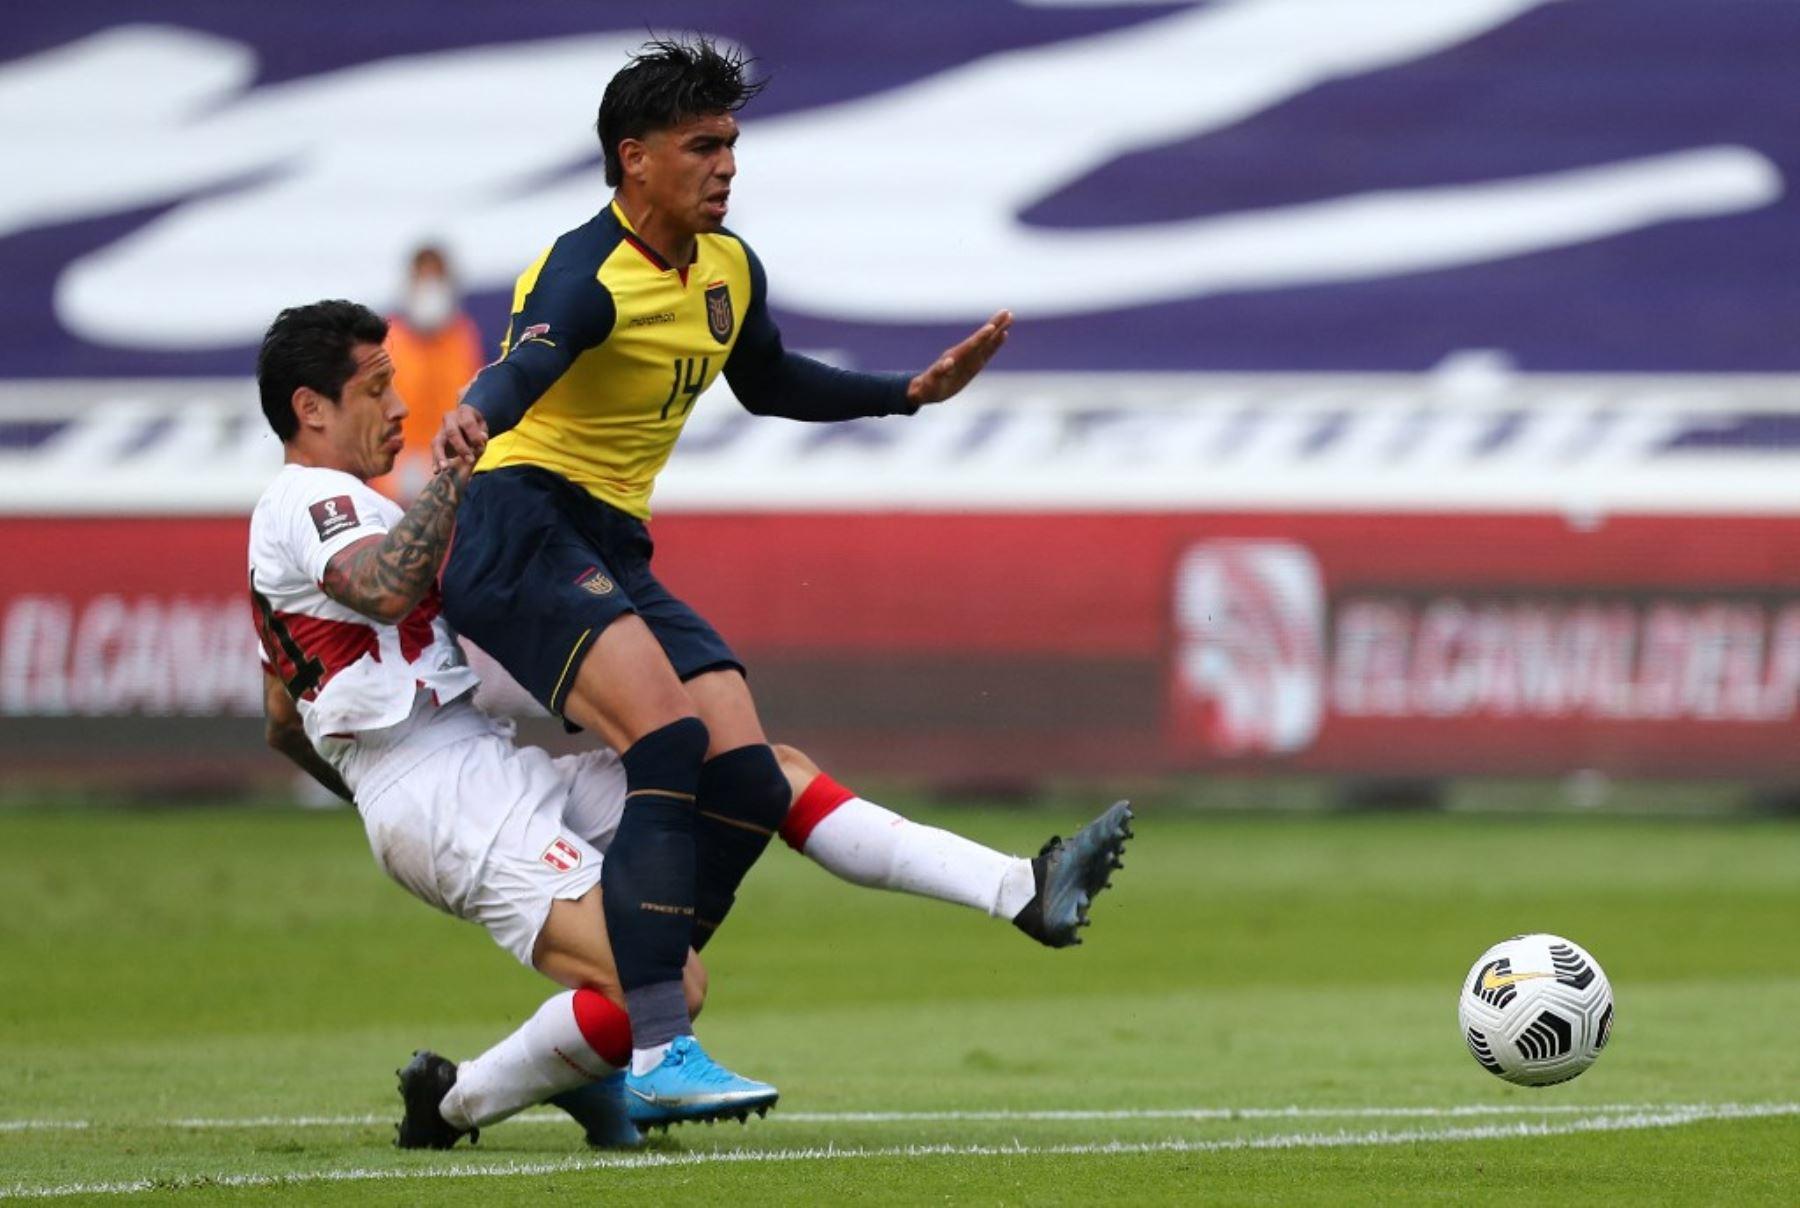 La selección peruana buscará romper el maleficio de no poder ganar a Ecuador desde 1963 en un torneo continental.